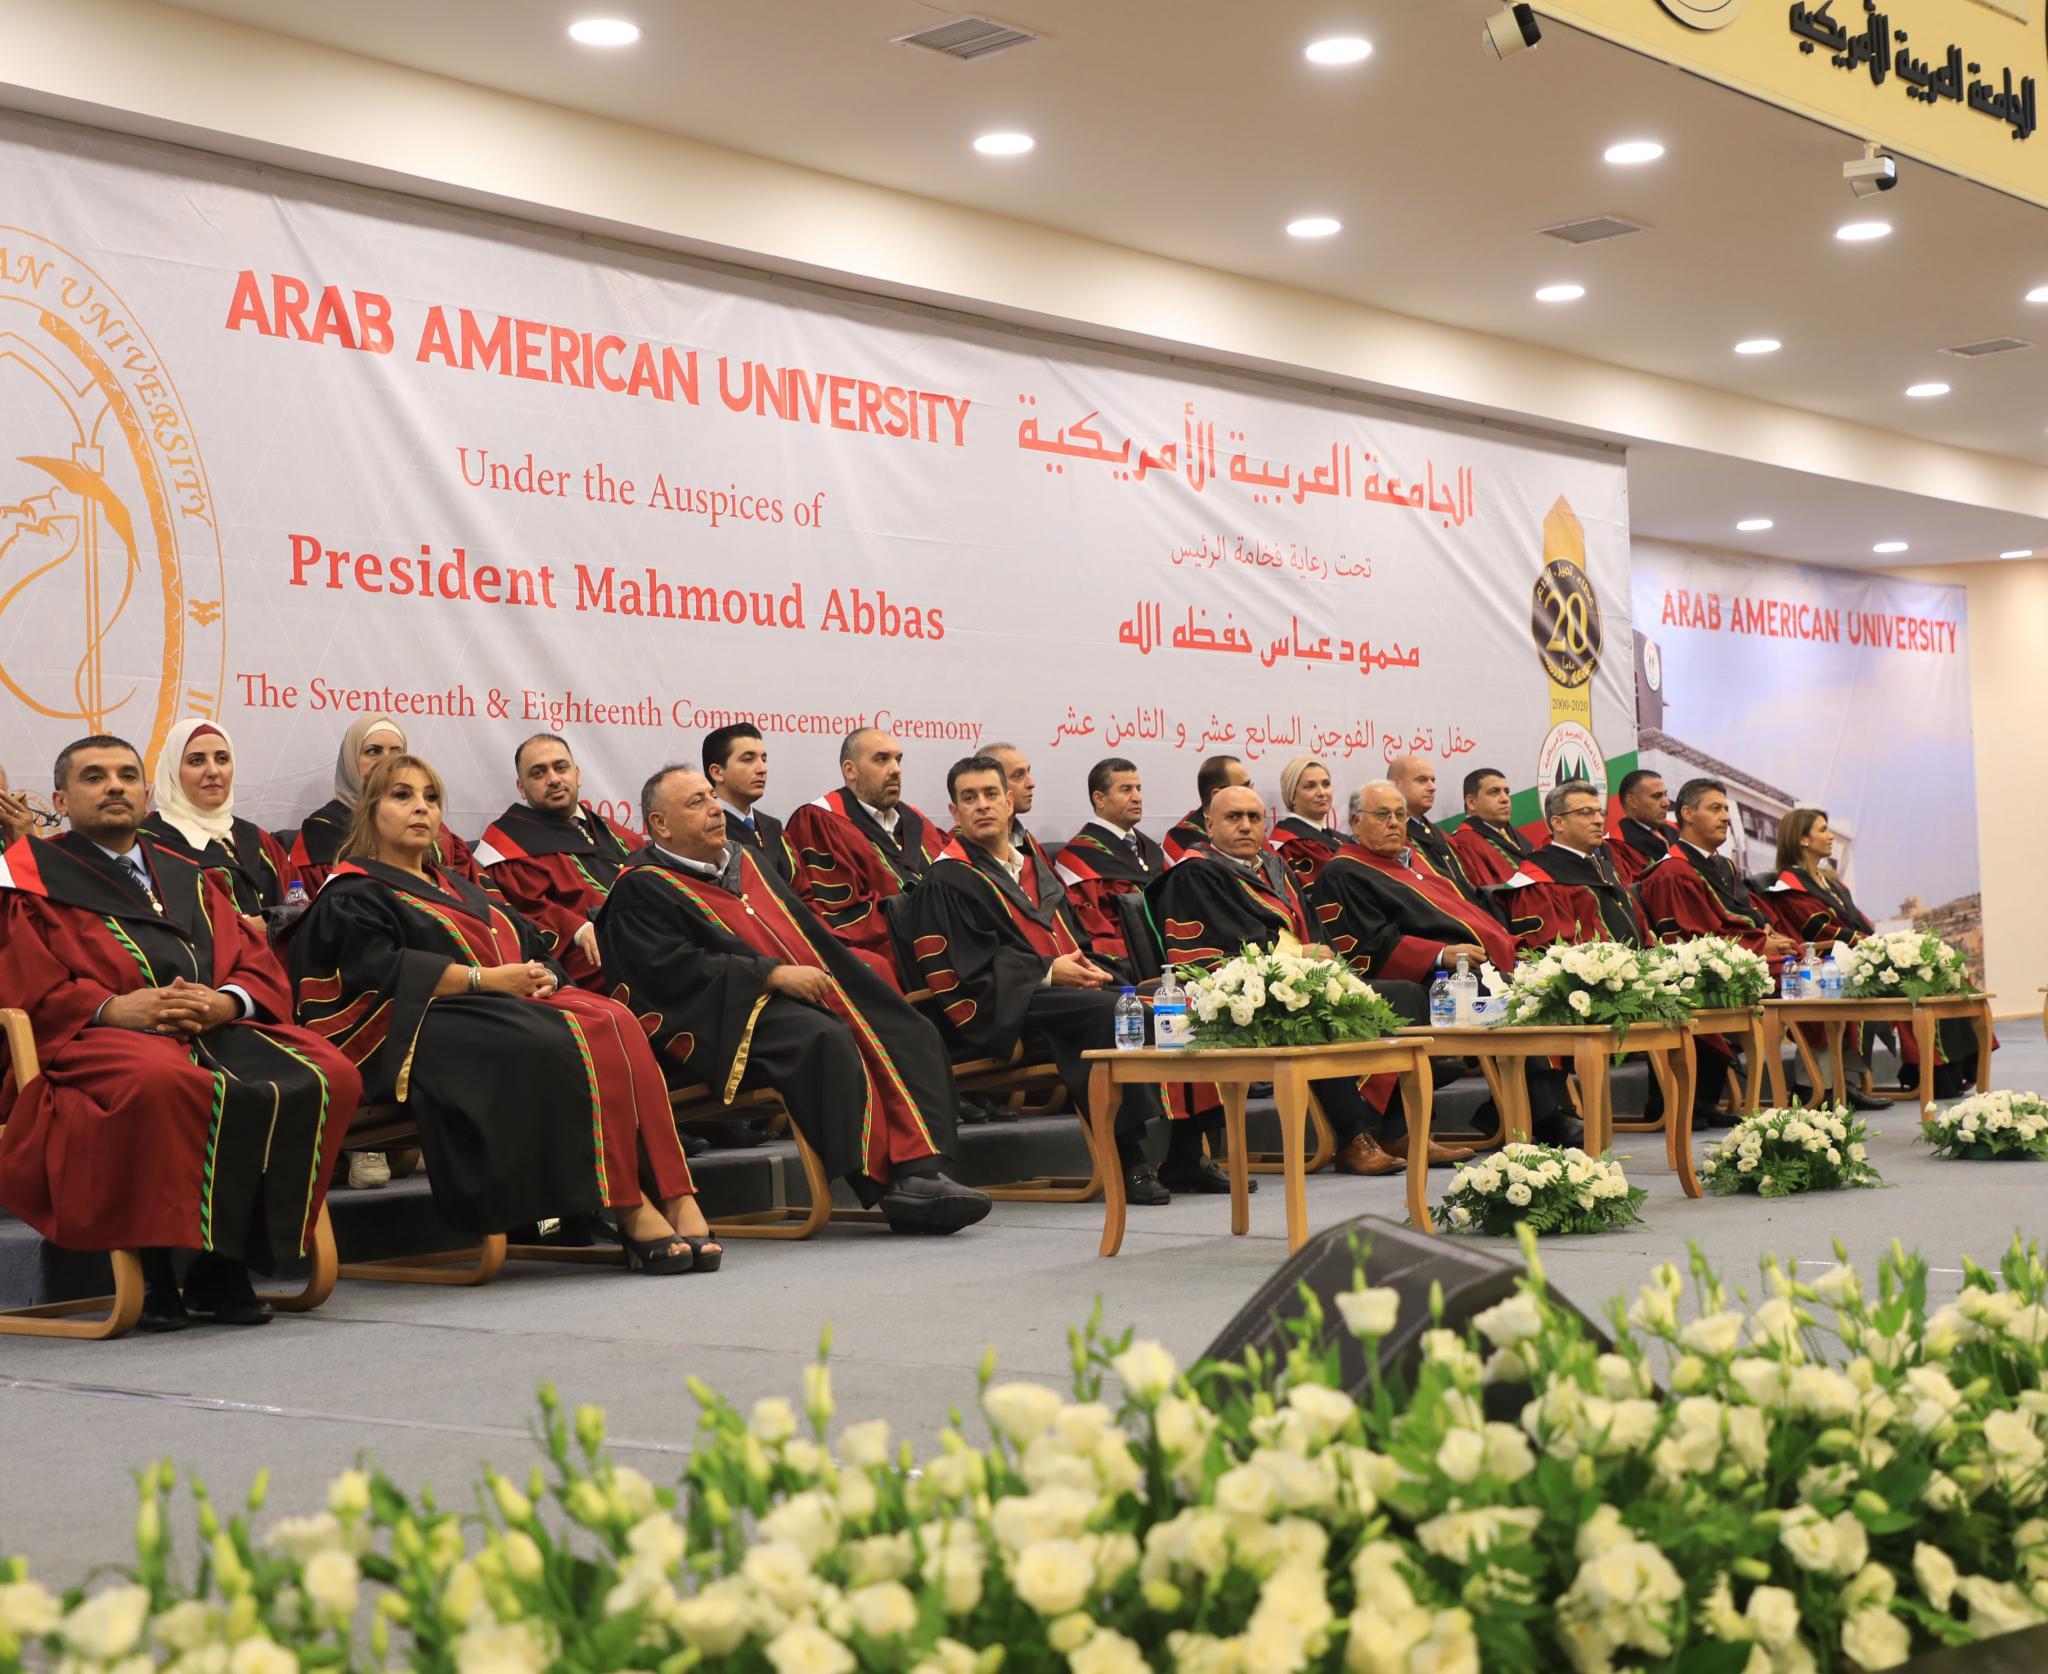 الجامعة العربية الأمريكية تعلن عن انطلاق حفلات تخريج فوجي السابع والثامن عشر من طلبتها